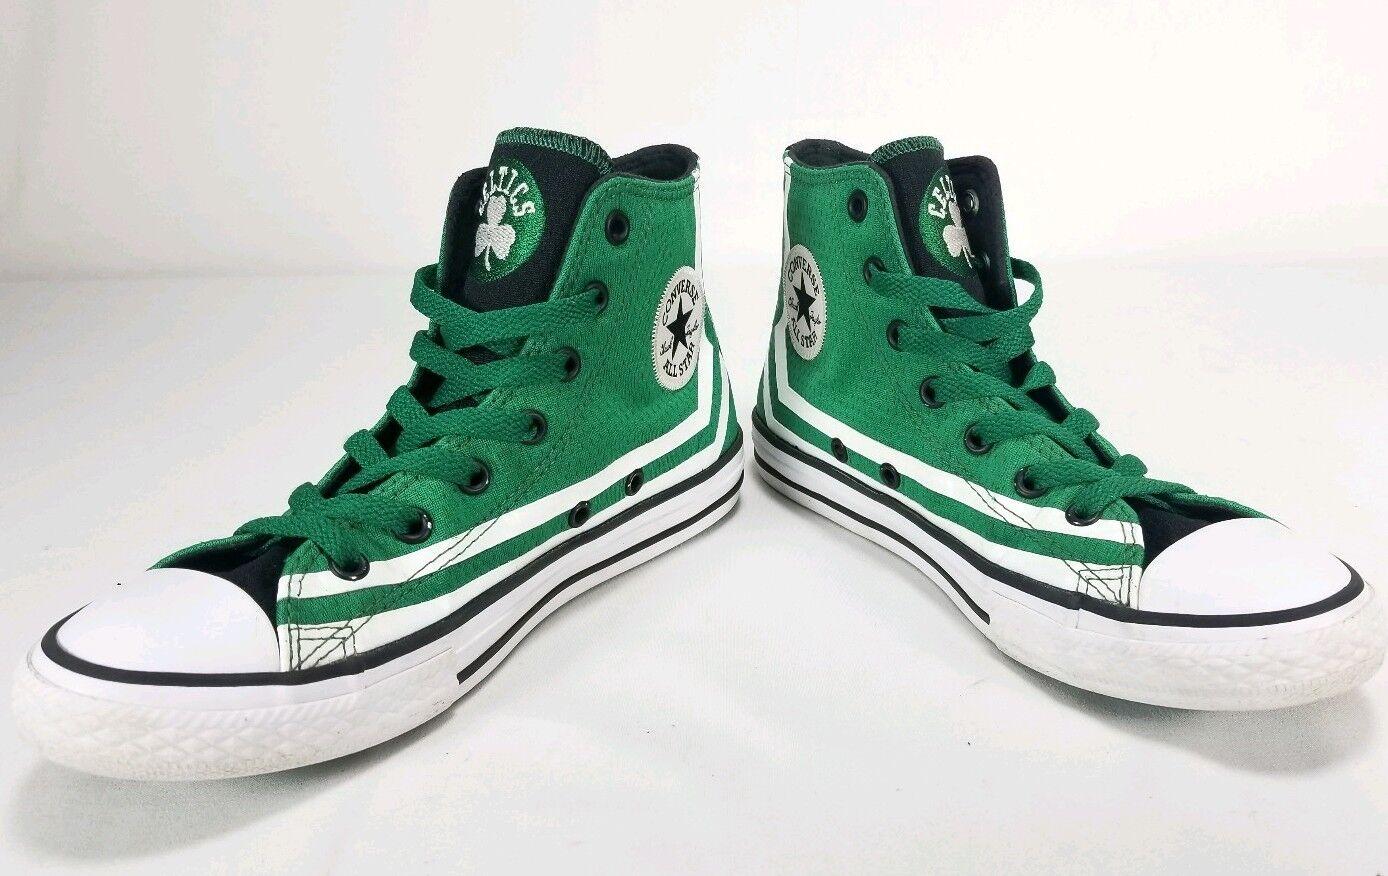 verde Converse All Star scarpe Boston Celtics NBA donna Dimensione Dimensione Dimensione 5 Uomo Dimensione 3 Rare d34cb1